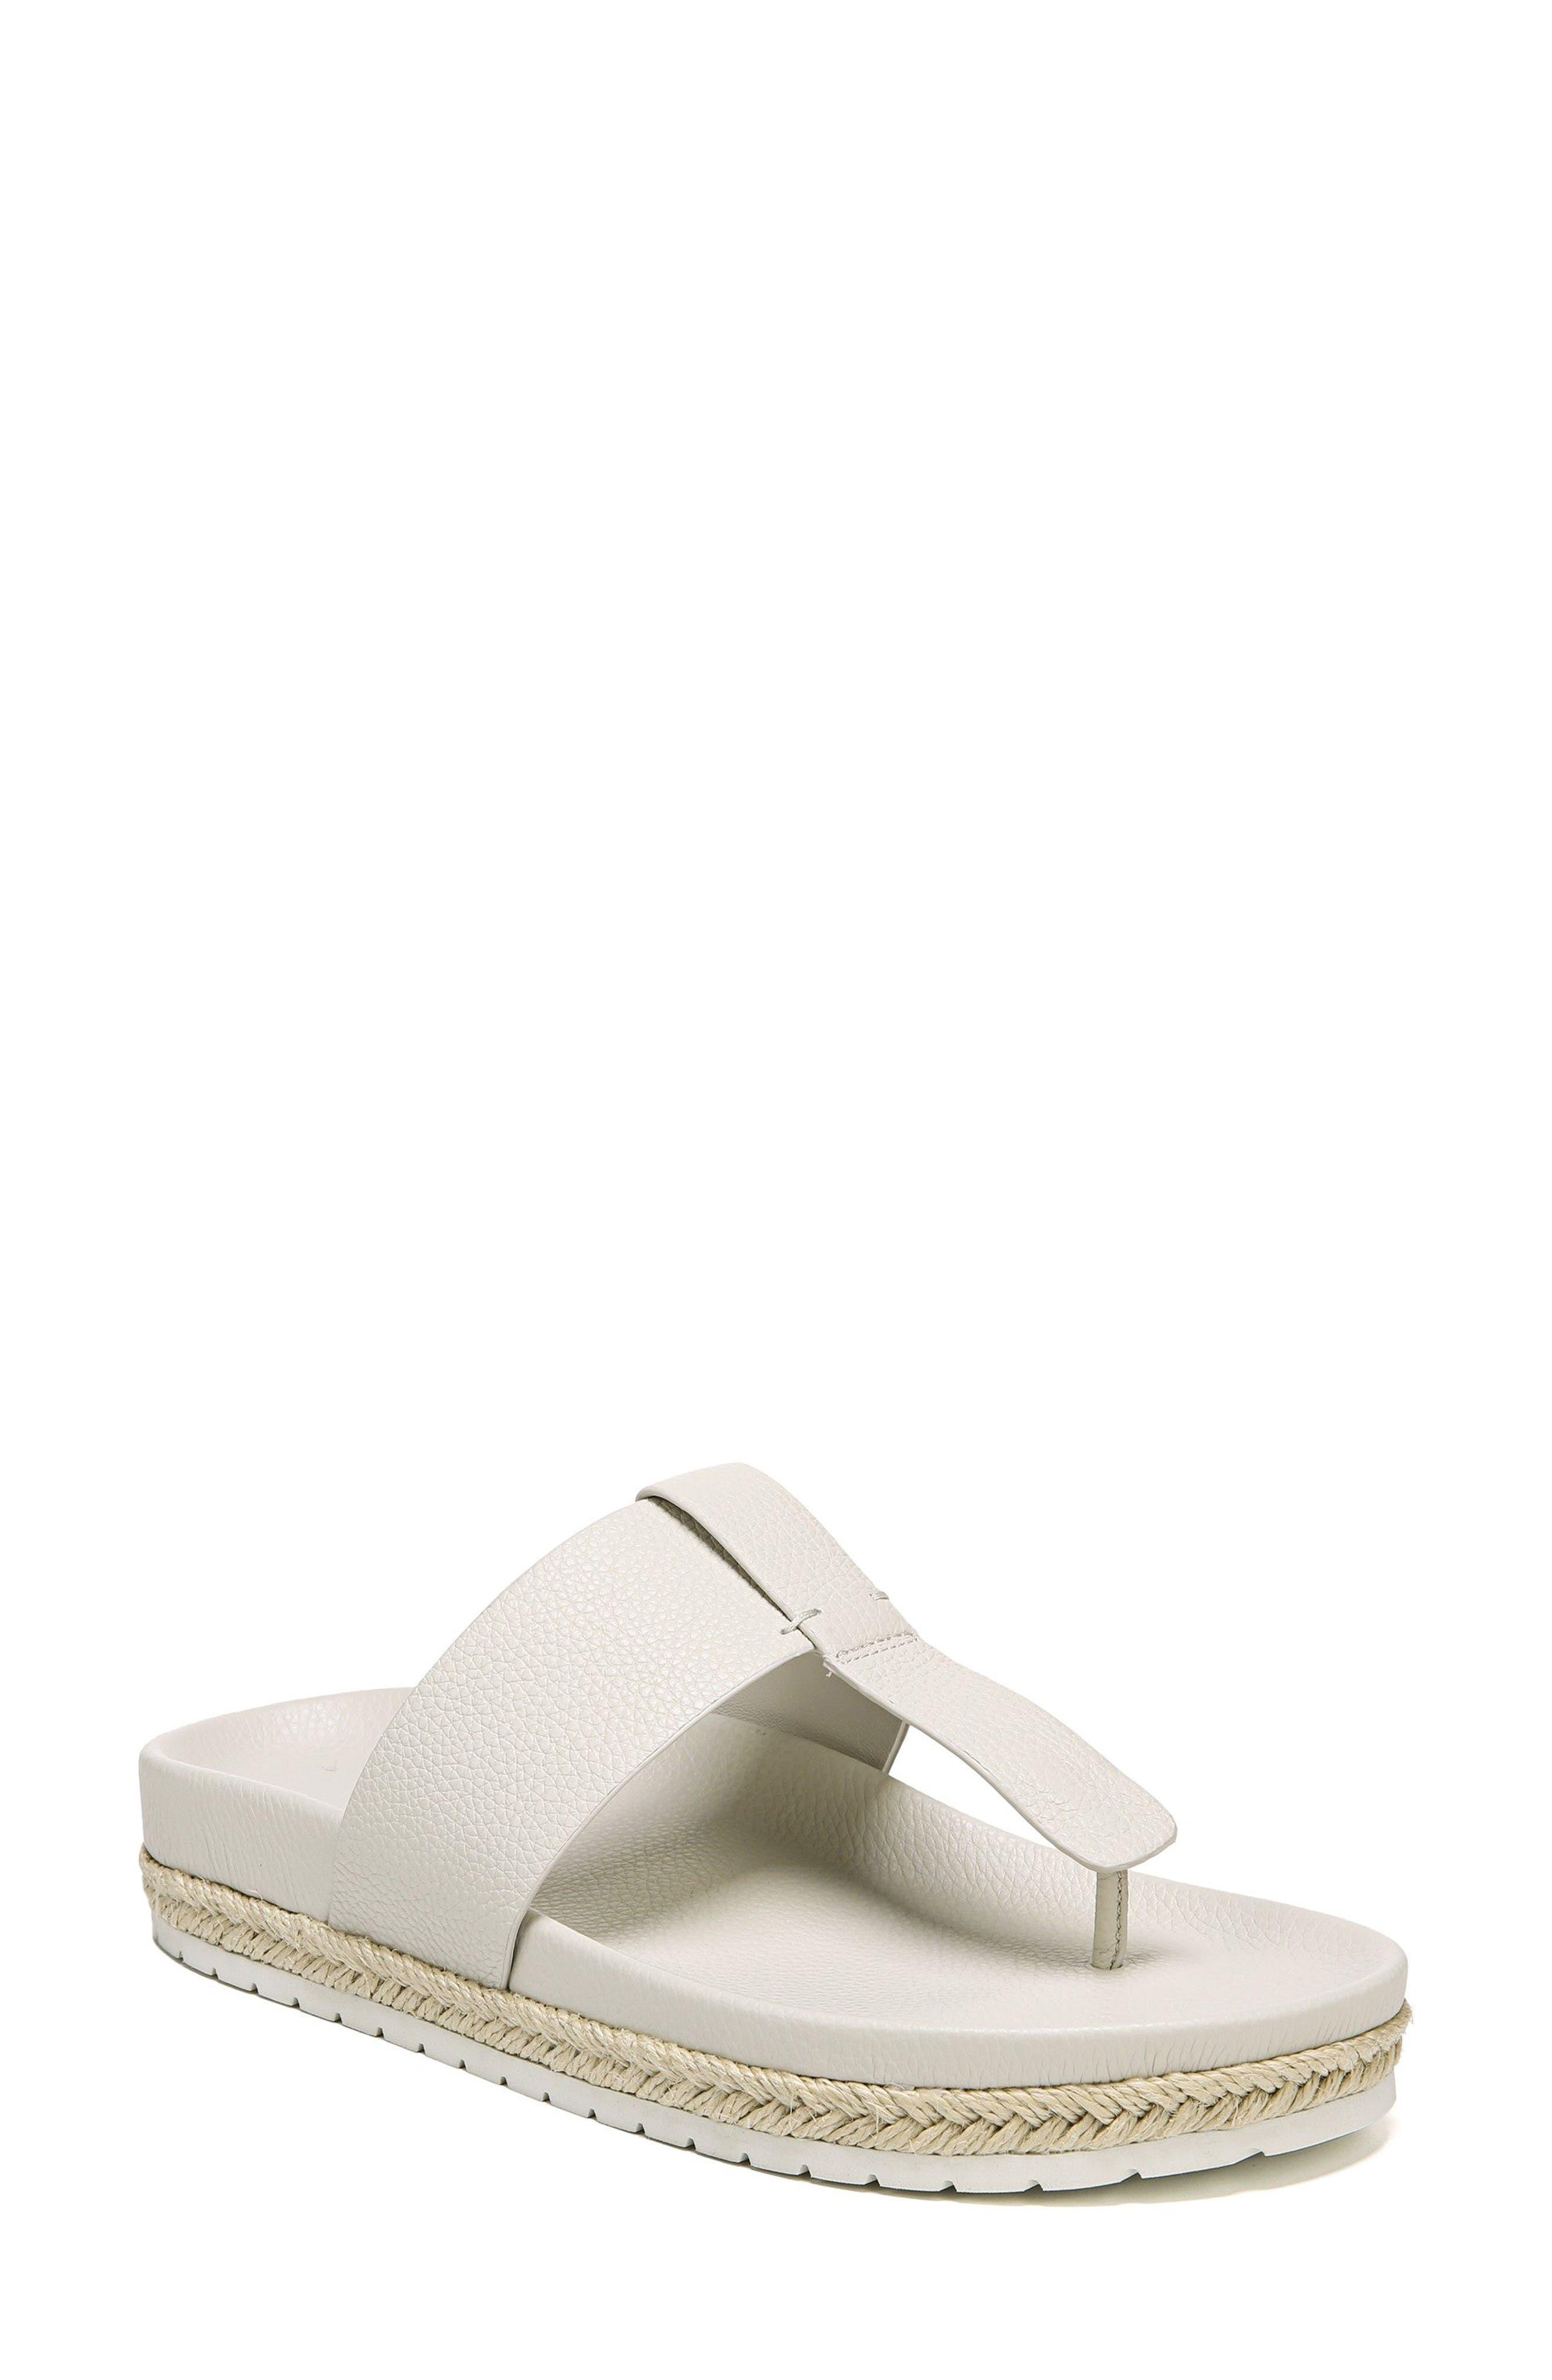 Avani T-Strap Flat Sandal,                             Main thumbnail 2, color,